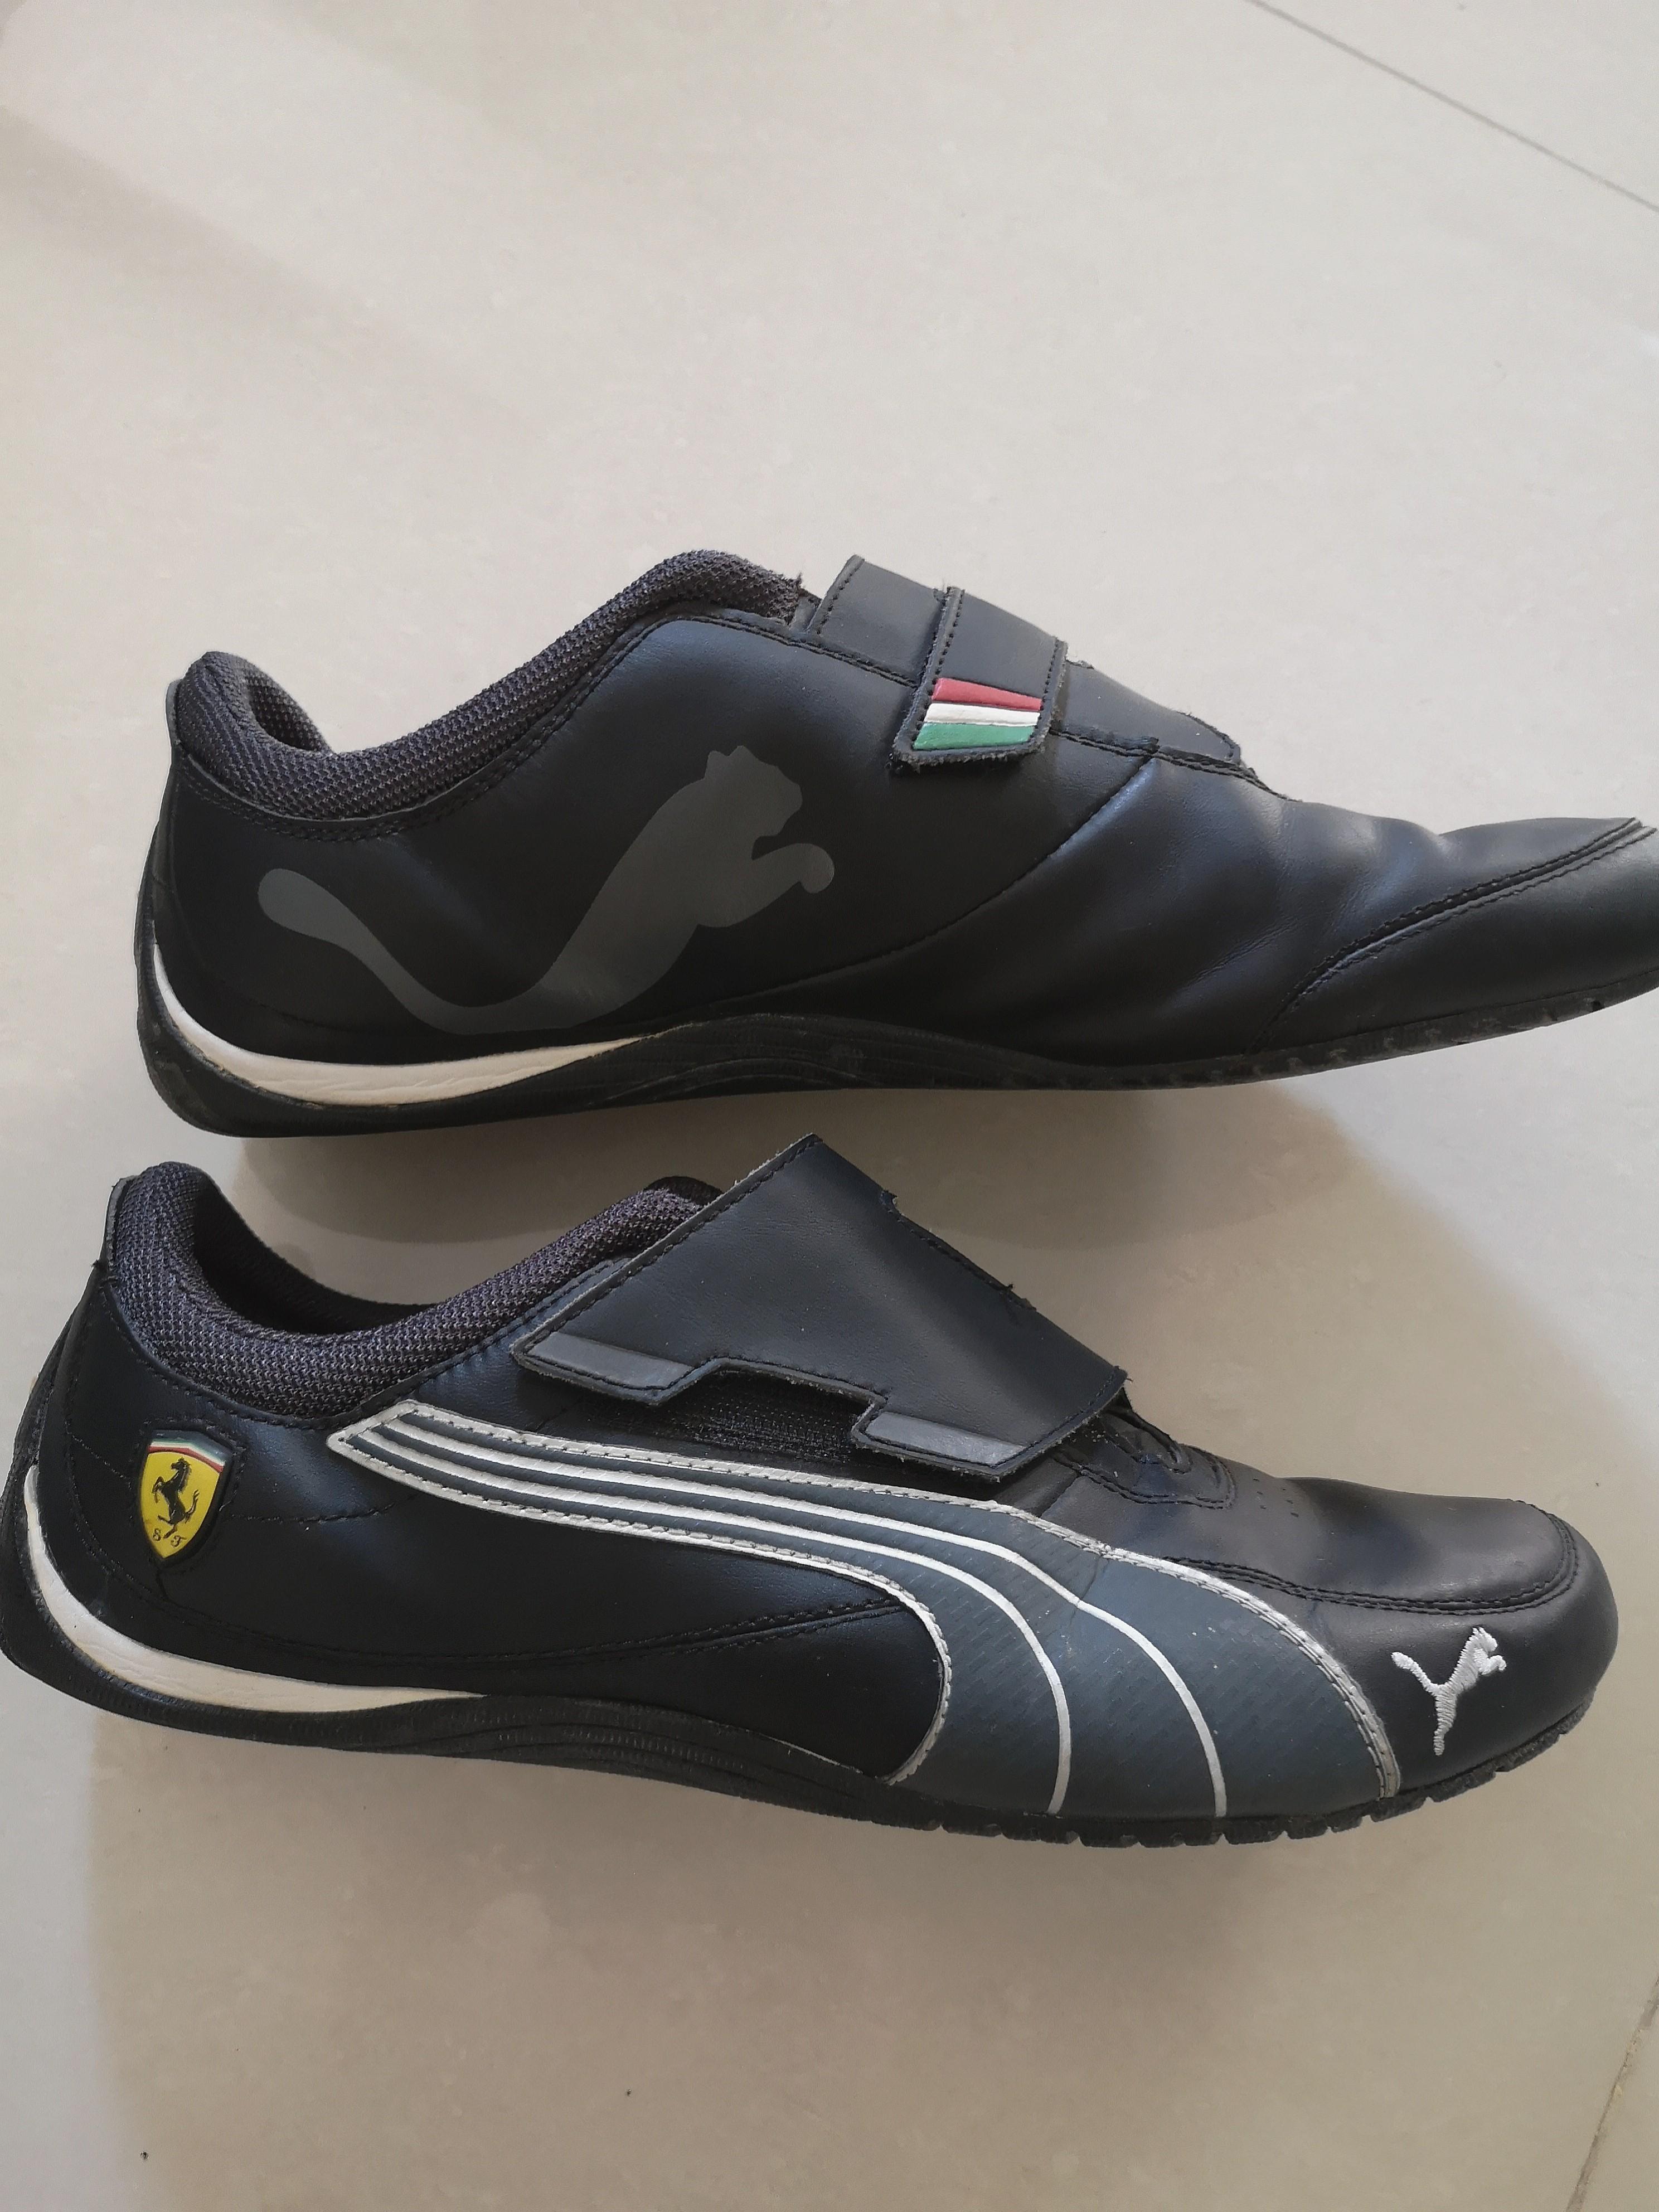 Puma x Ferrari Future Kart Cat Mens Motorsport Shoes 88b65ff9c